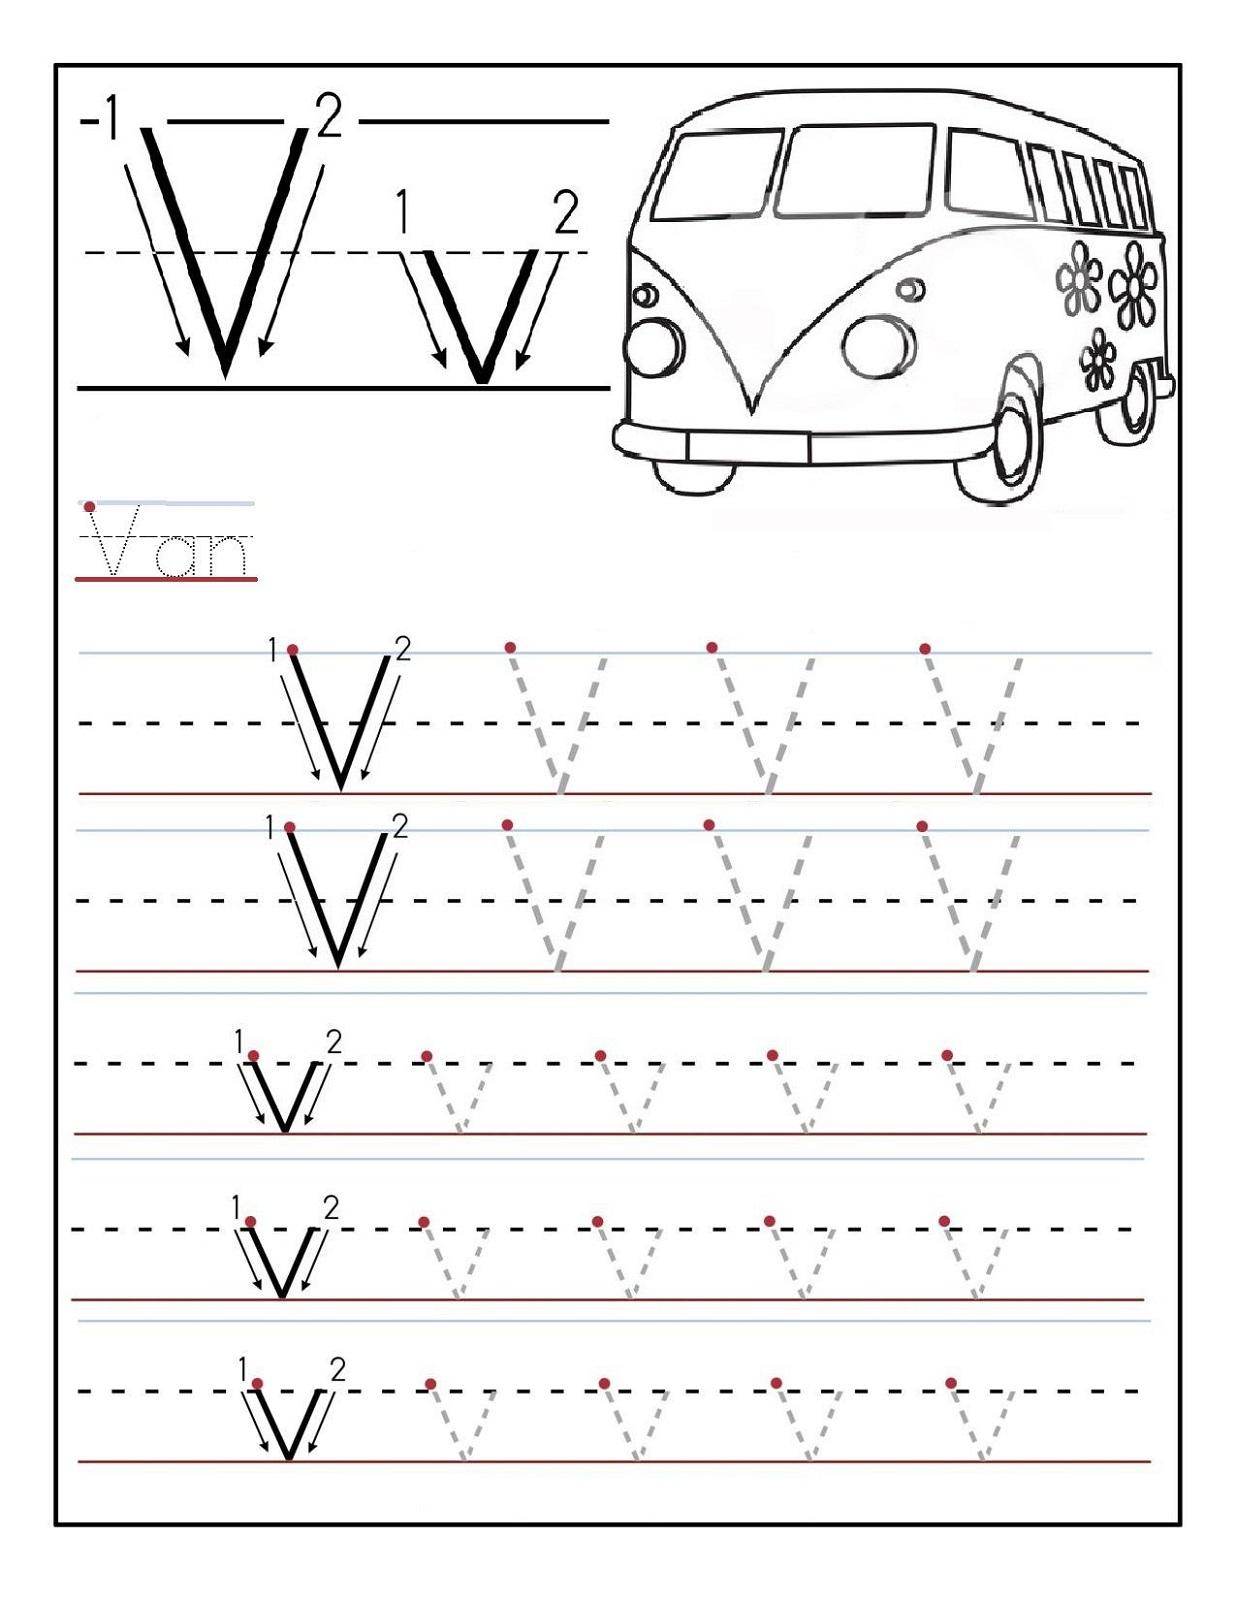 Alphabet Worksheets For Preschoolers 3